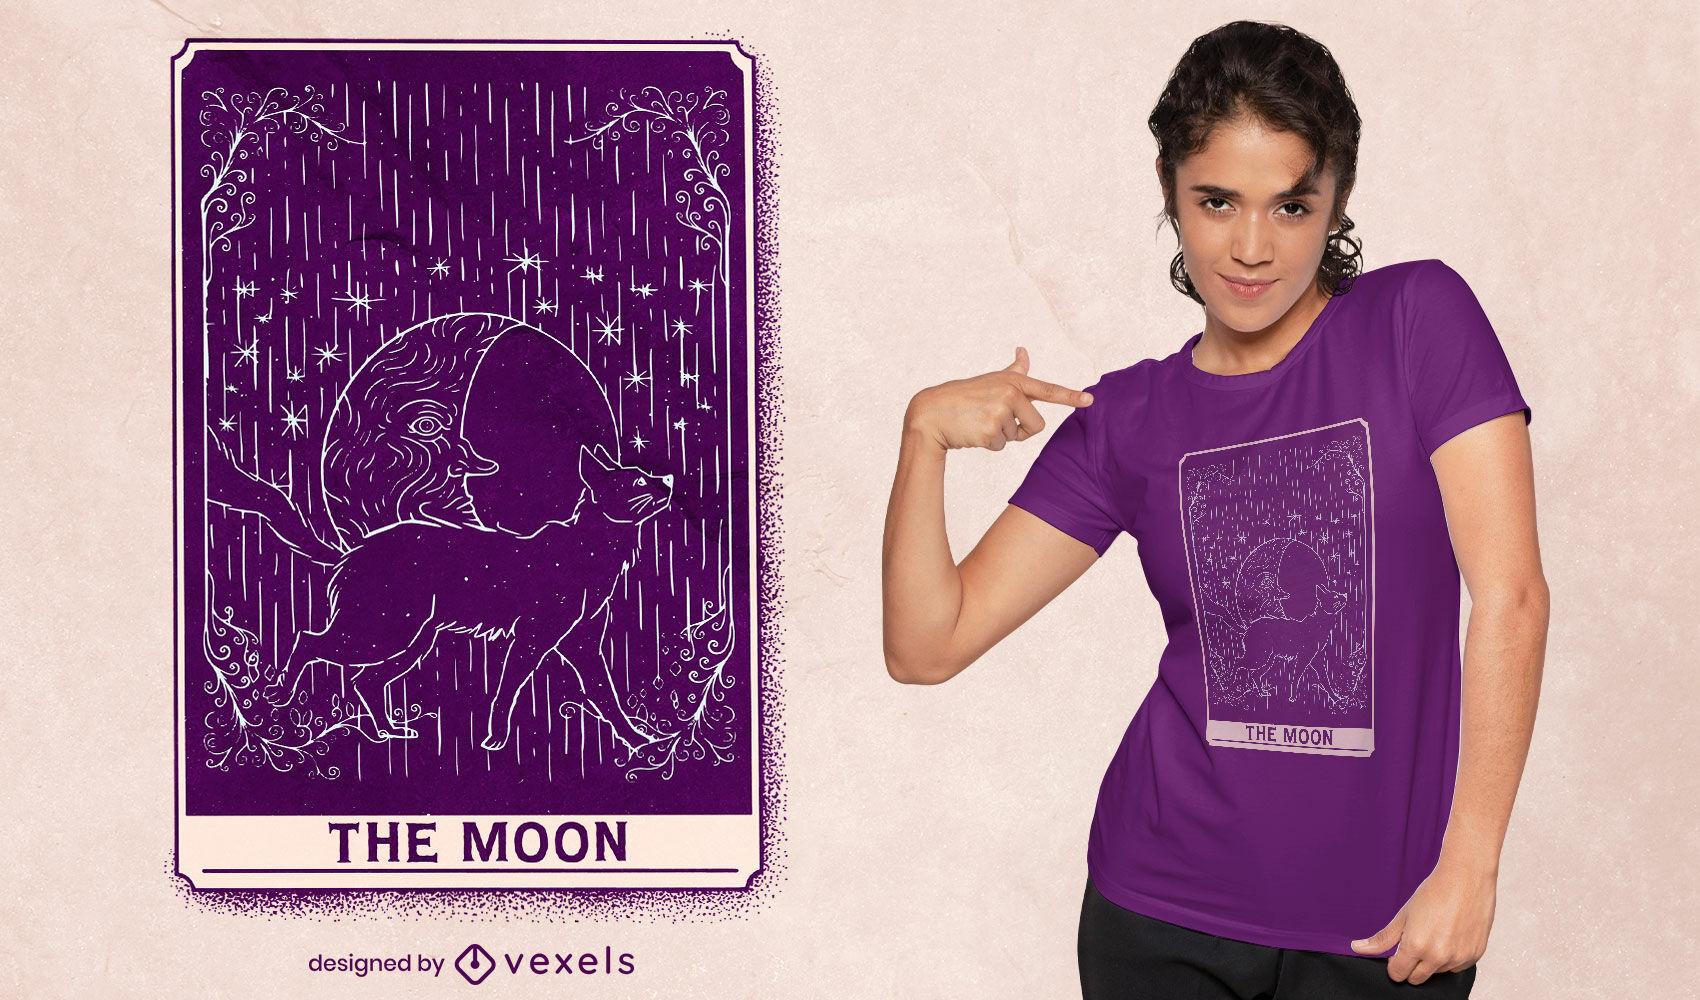 Tarot card cat and moon t-shirt design